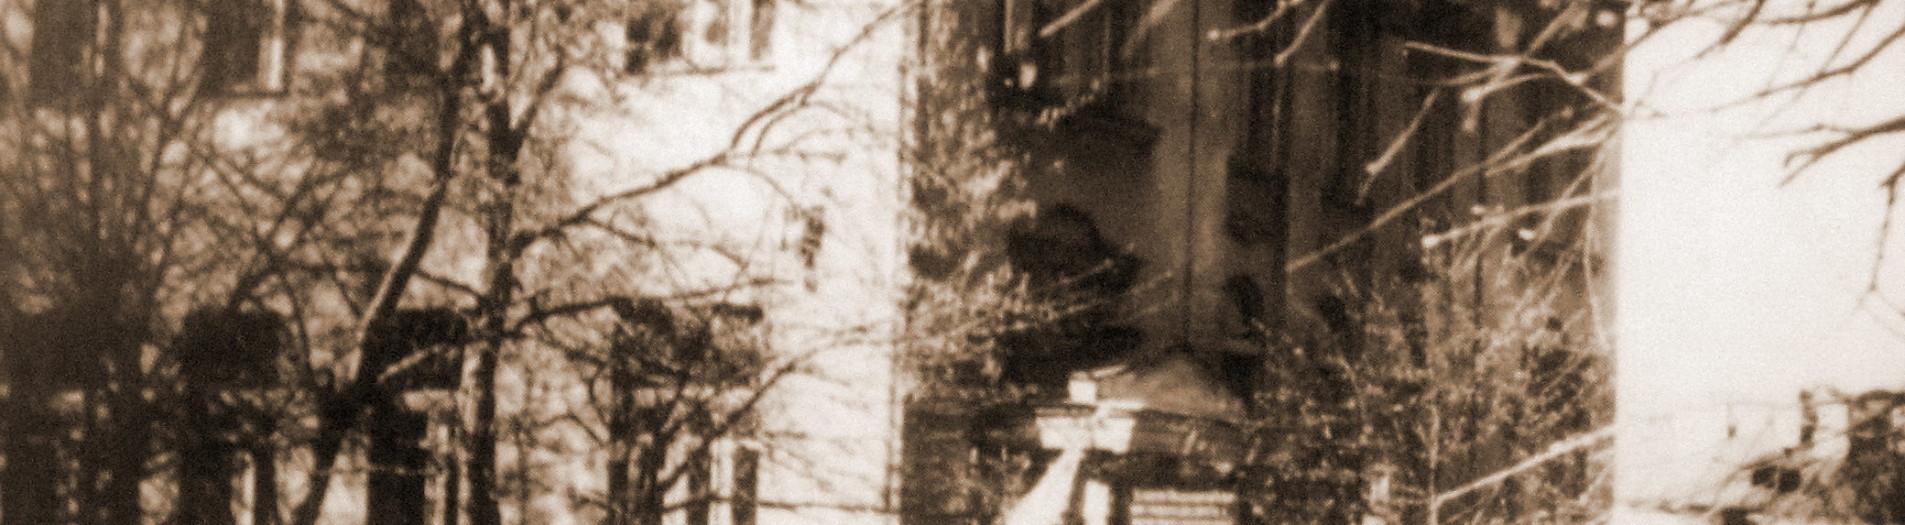 «Музей истории Витебского народного художественного училища» филиал УК «Музея «Витебский центр современного искусства»